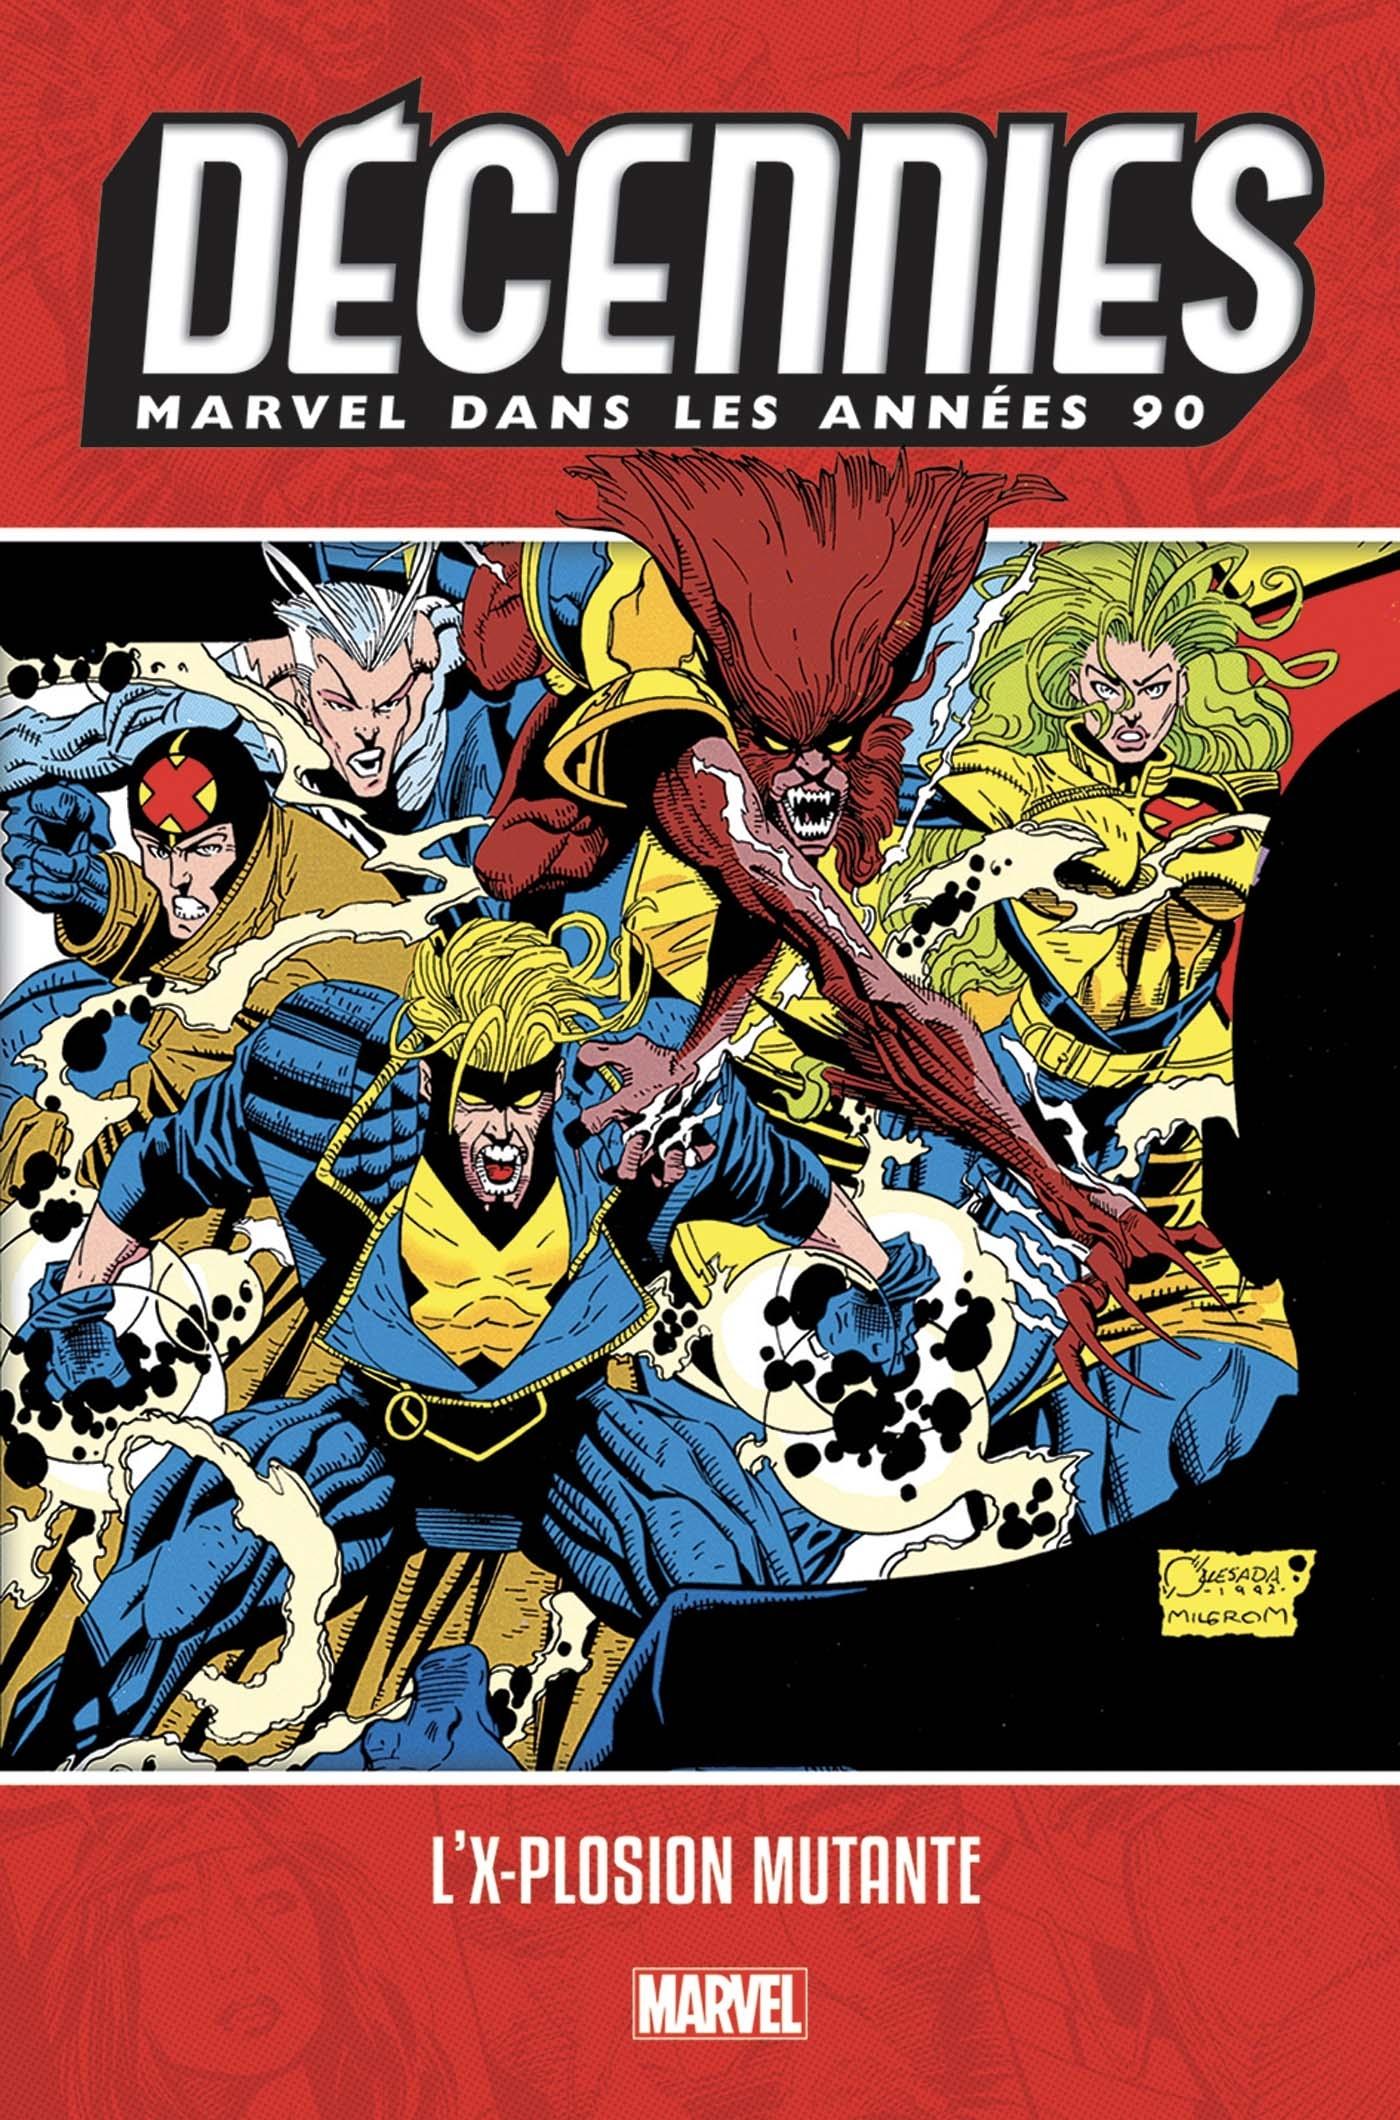 DECENNIES: MARVEL DANS LES ANNEES 90 - L'X-PLOSION MUTANTE